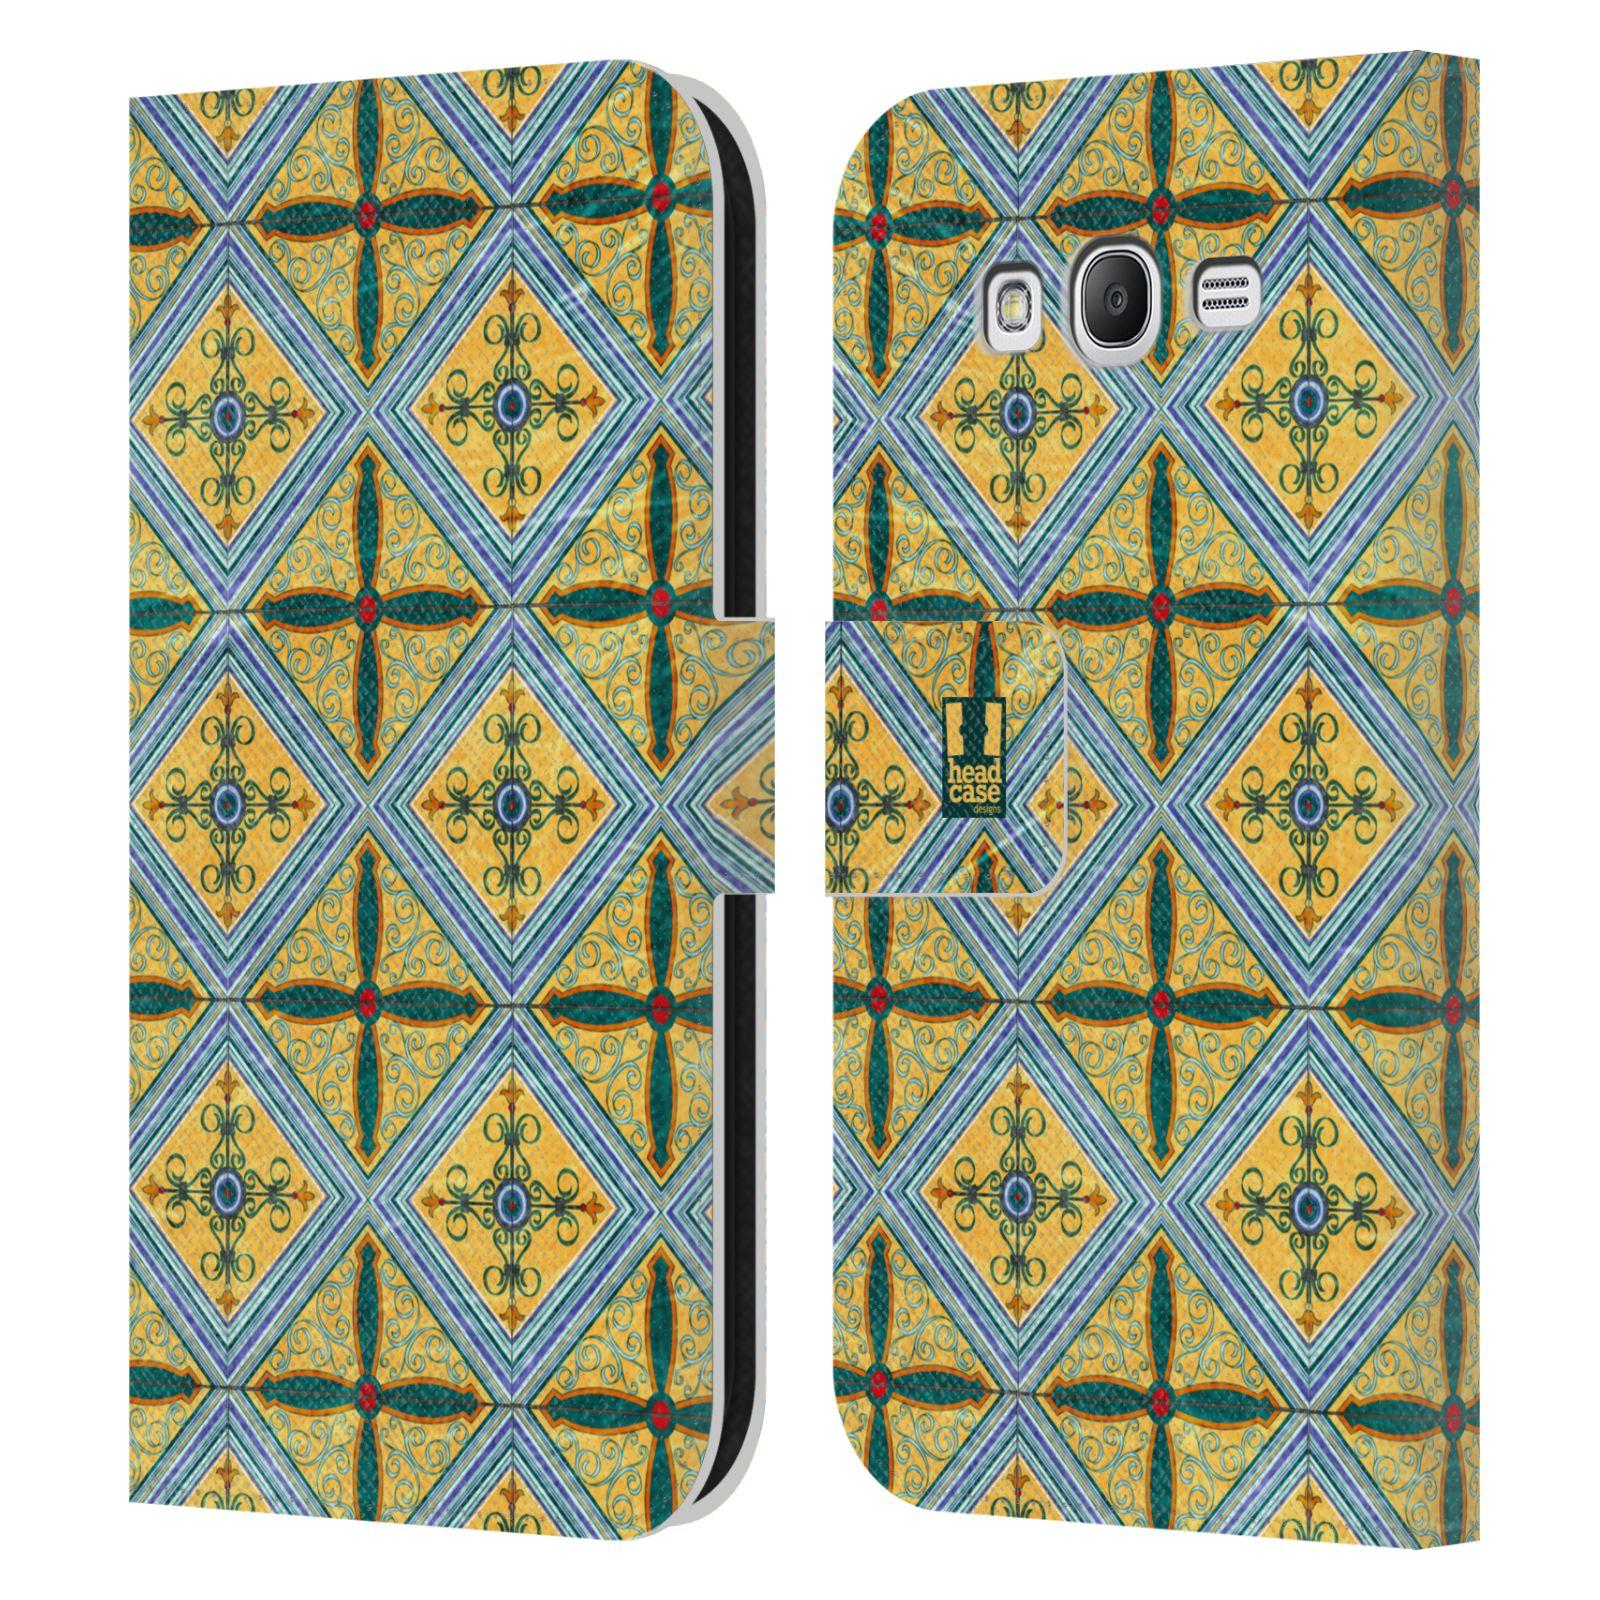 HEAD CASE Flipové pouzdro pro mobil Samsung Galaxy Grand i9080 ARABESKA CERAMIC žlutá